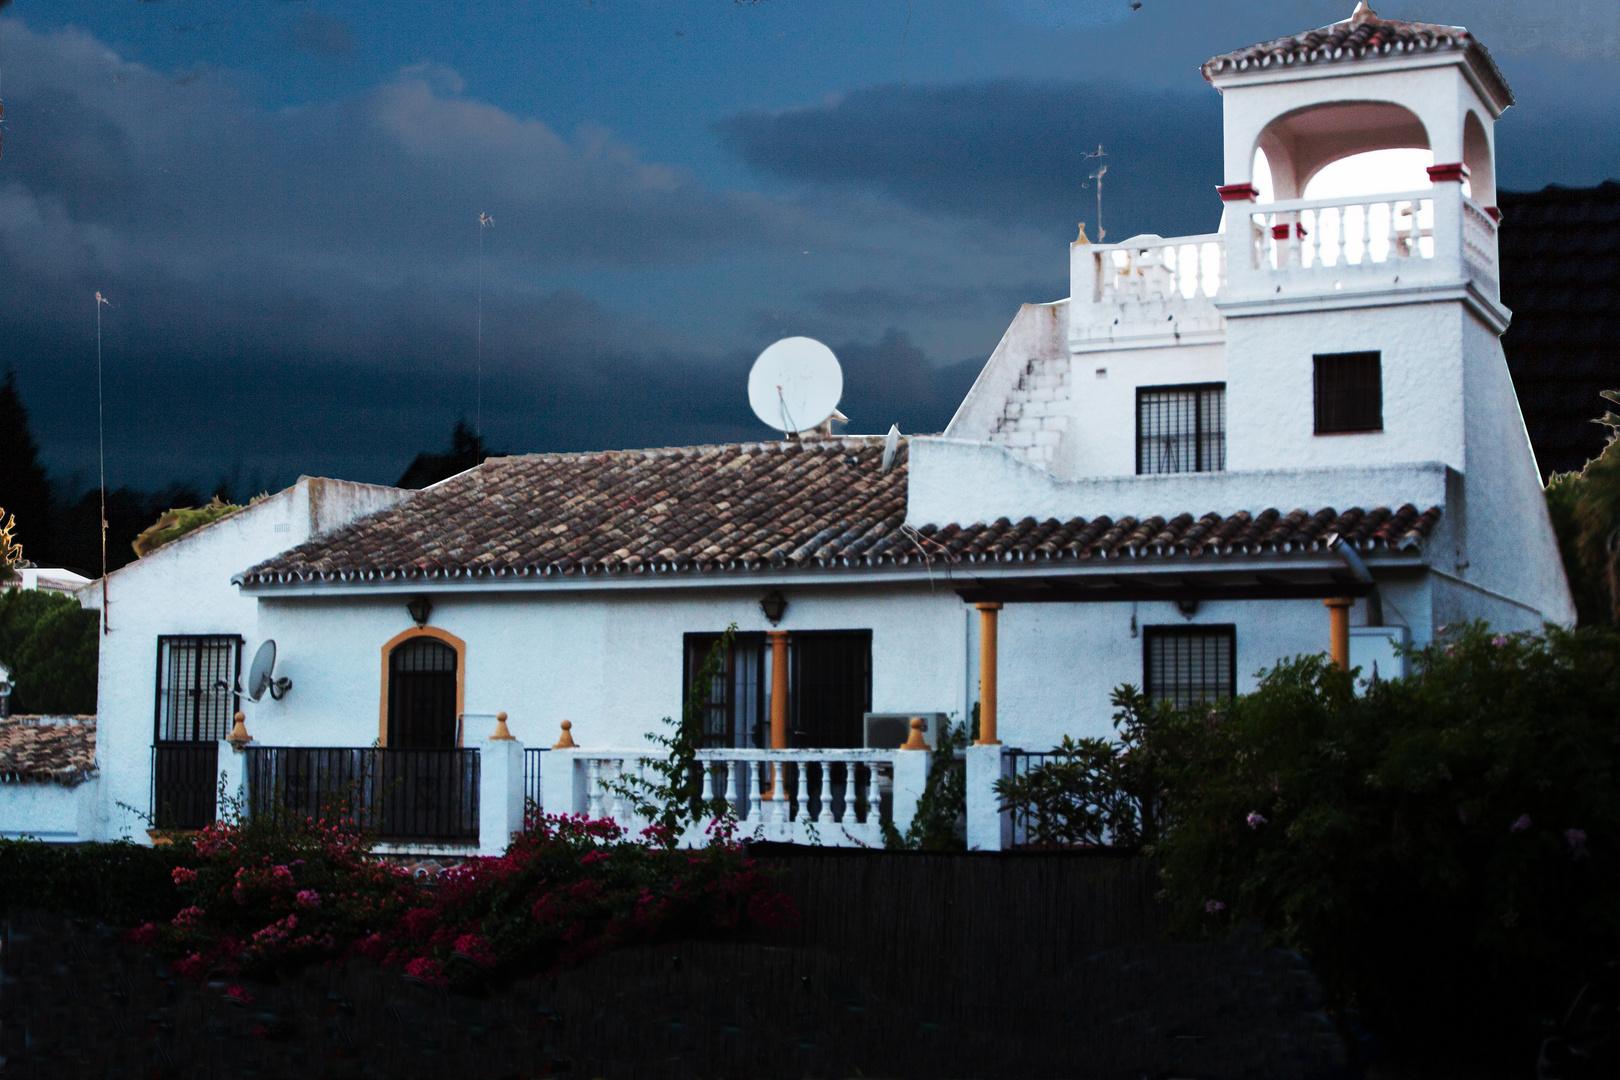 Kleinstadt Haus In Andalusien Mit Maurischen Einschlag Foto Bild